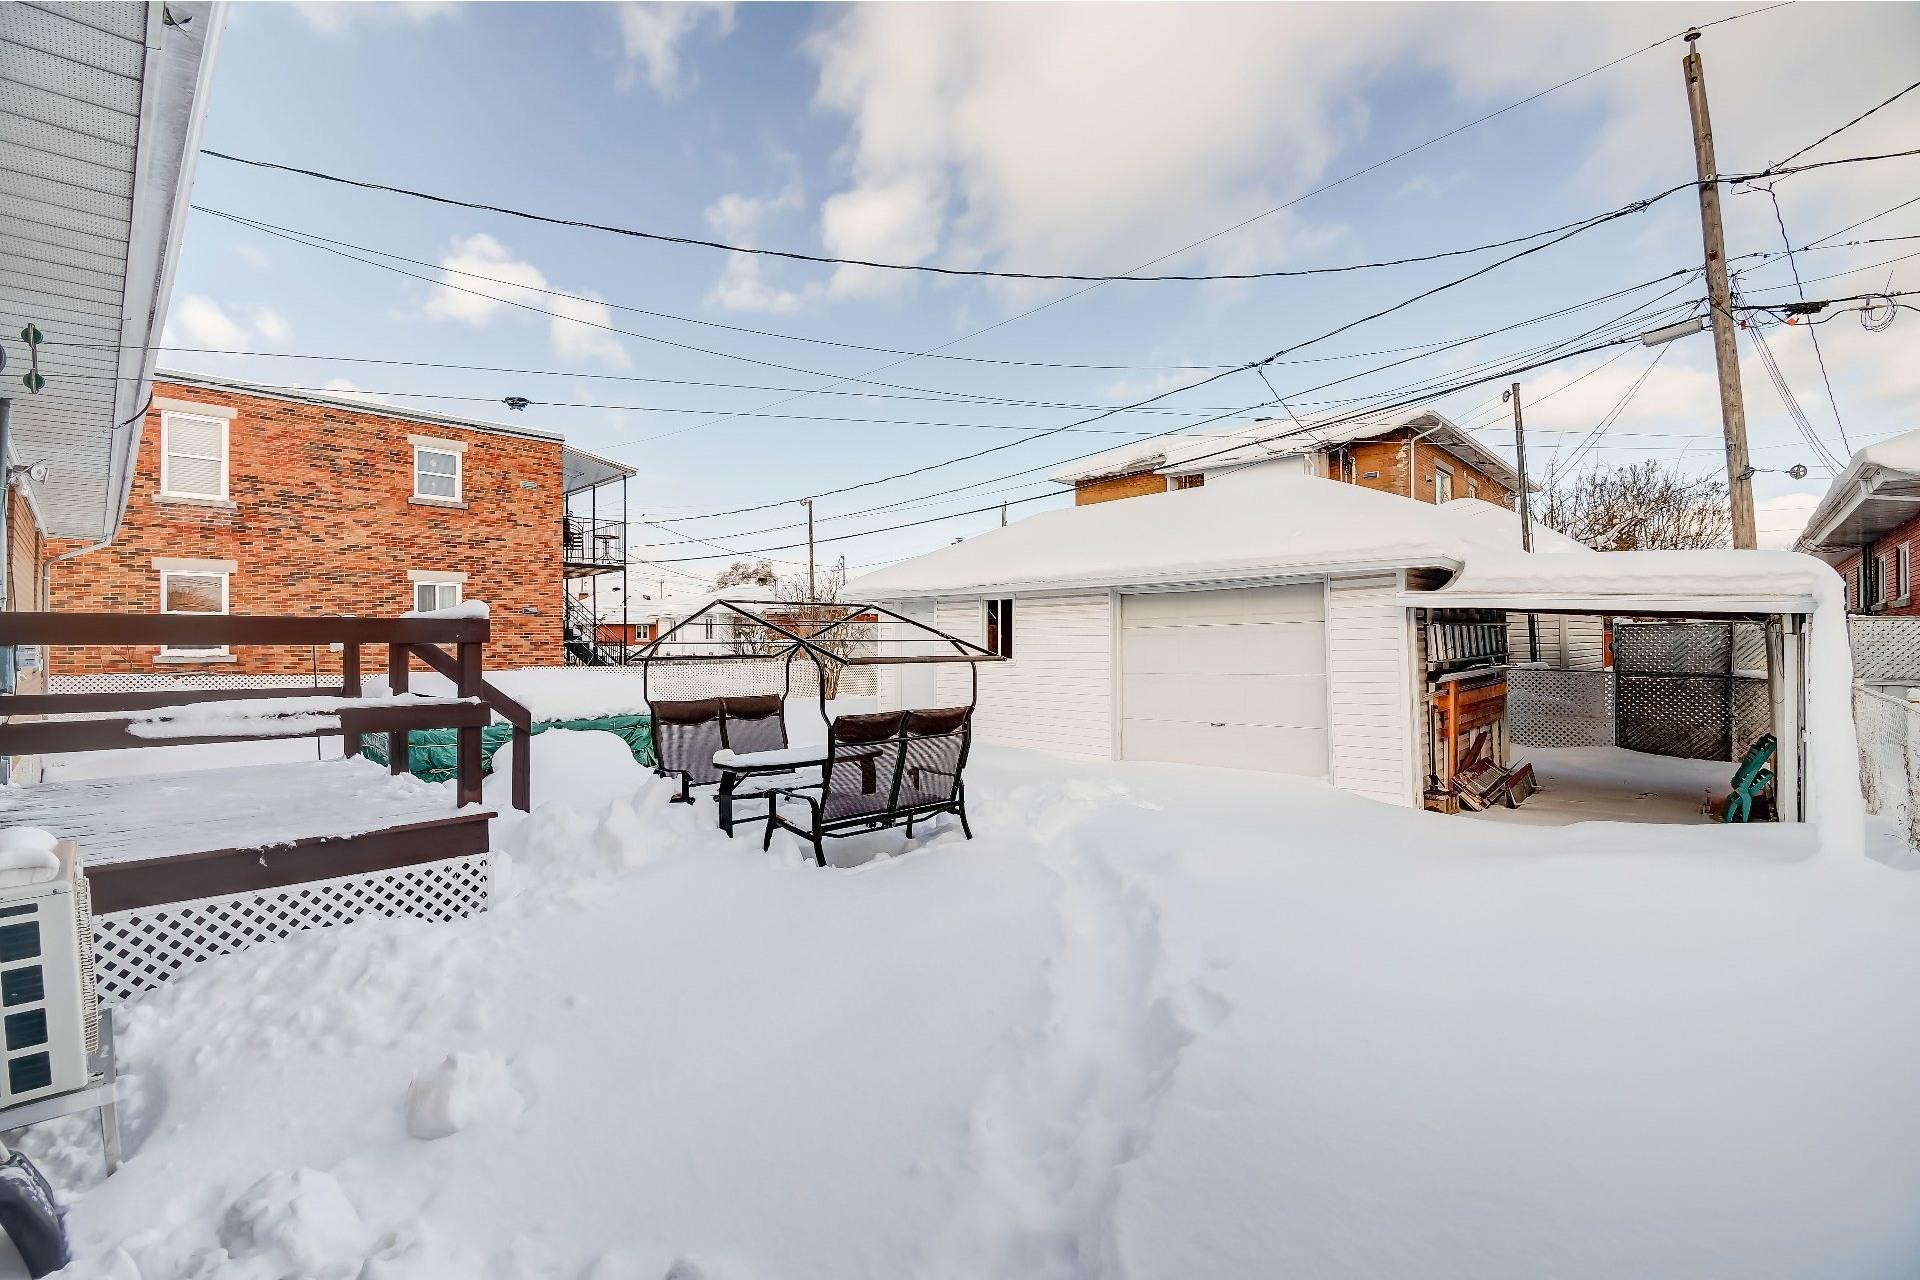 image 24 - Maison À vendre Trois-Rivières - 7 pièces